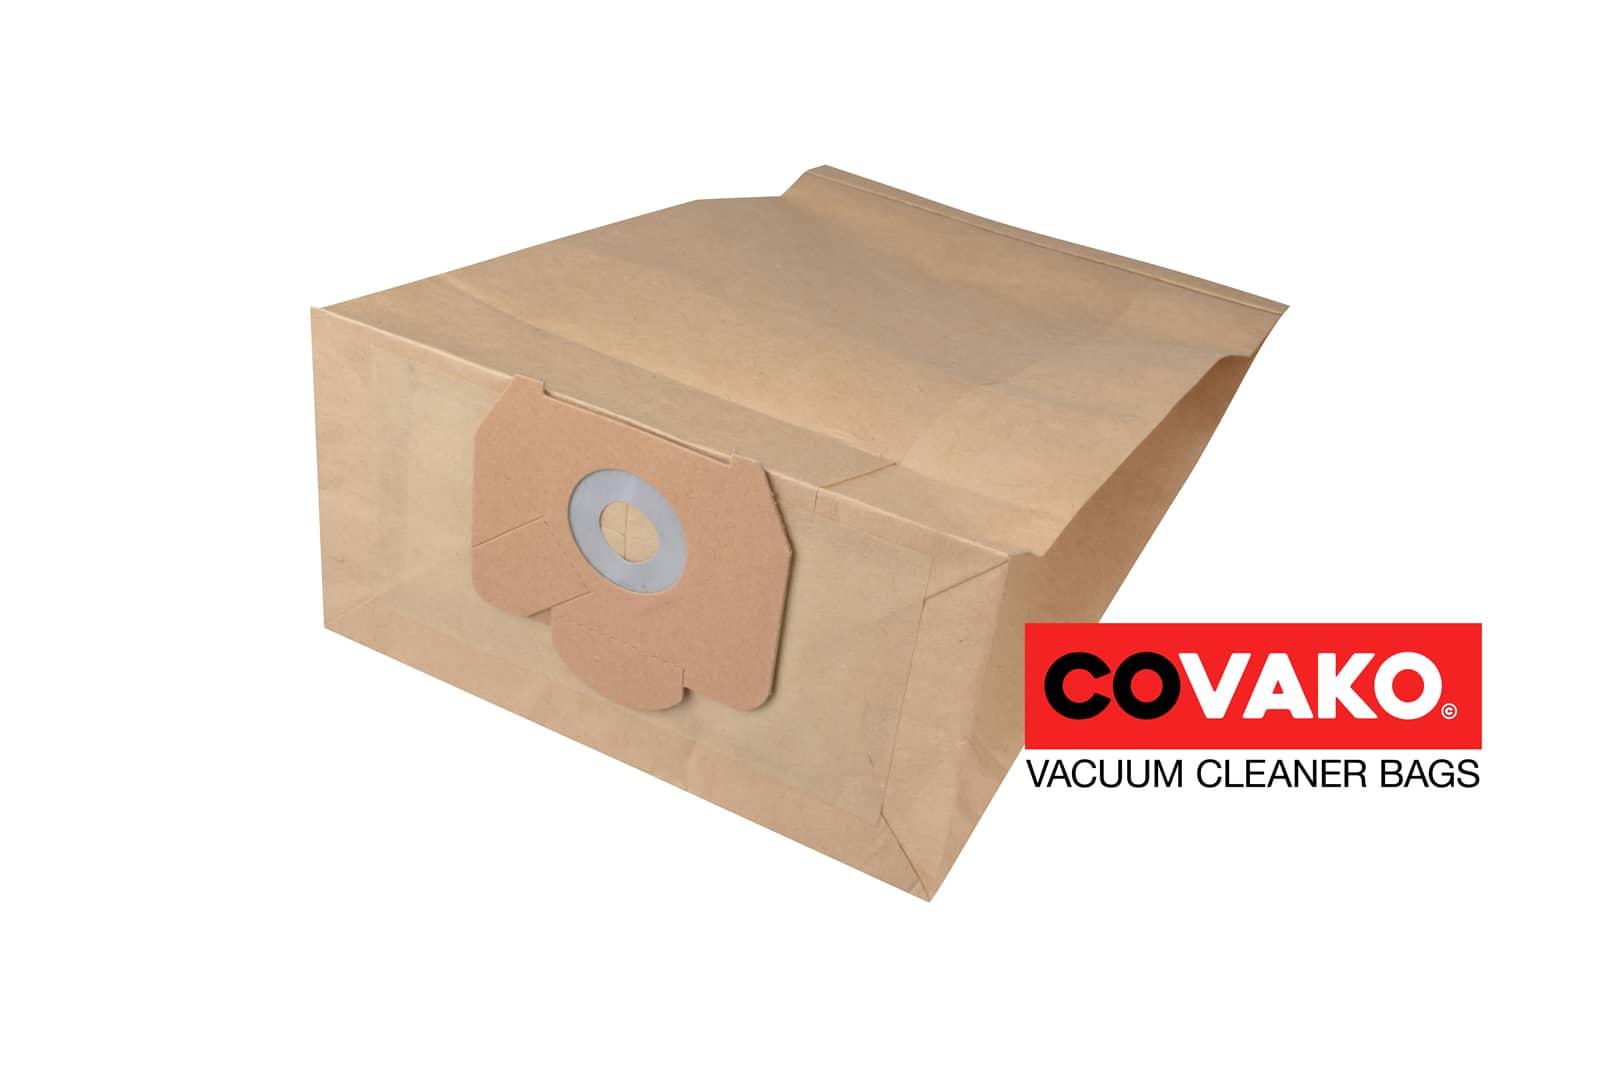 Columbus ST 2000 / Paper - Columbus vacuum cleaner bags